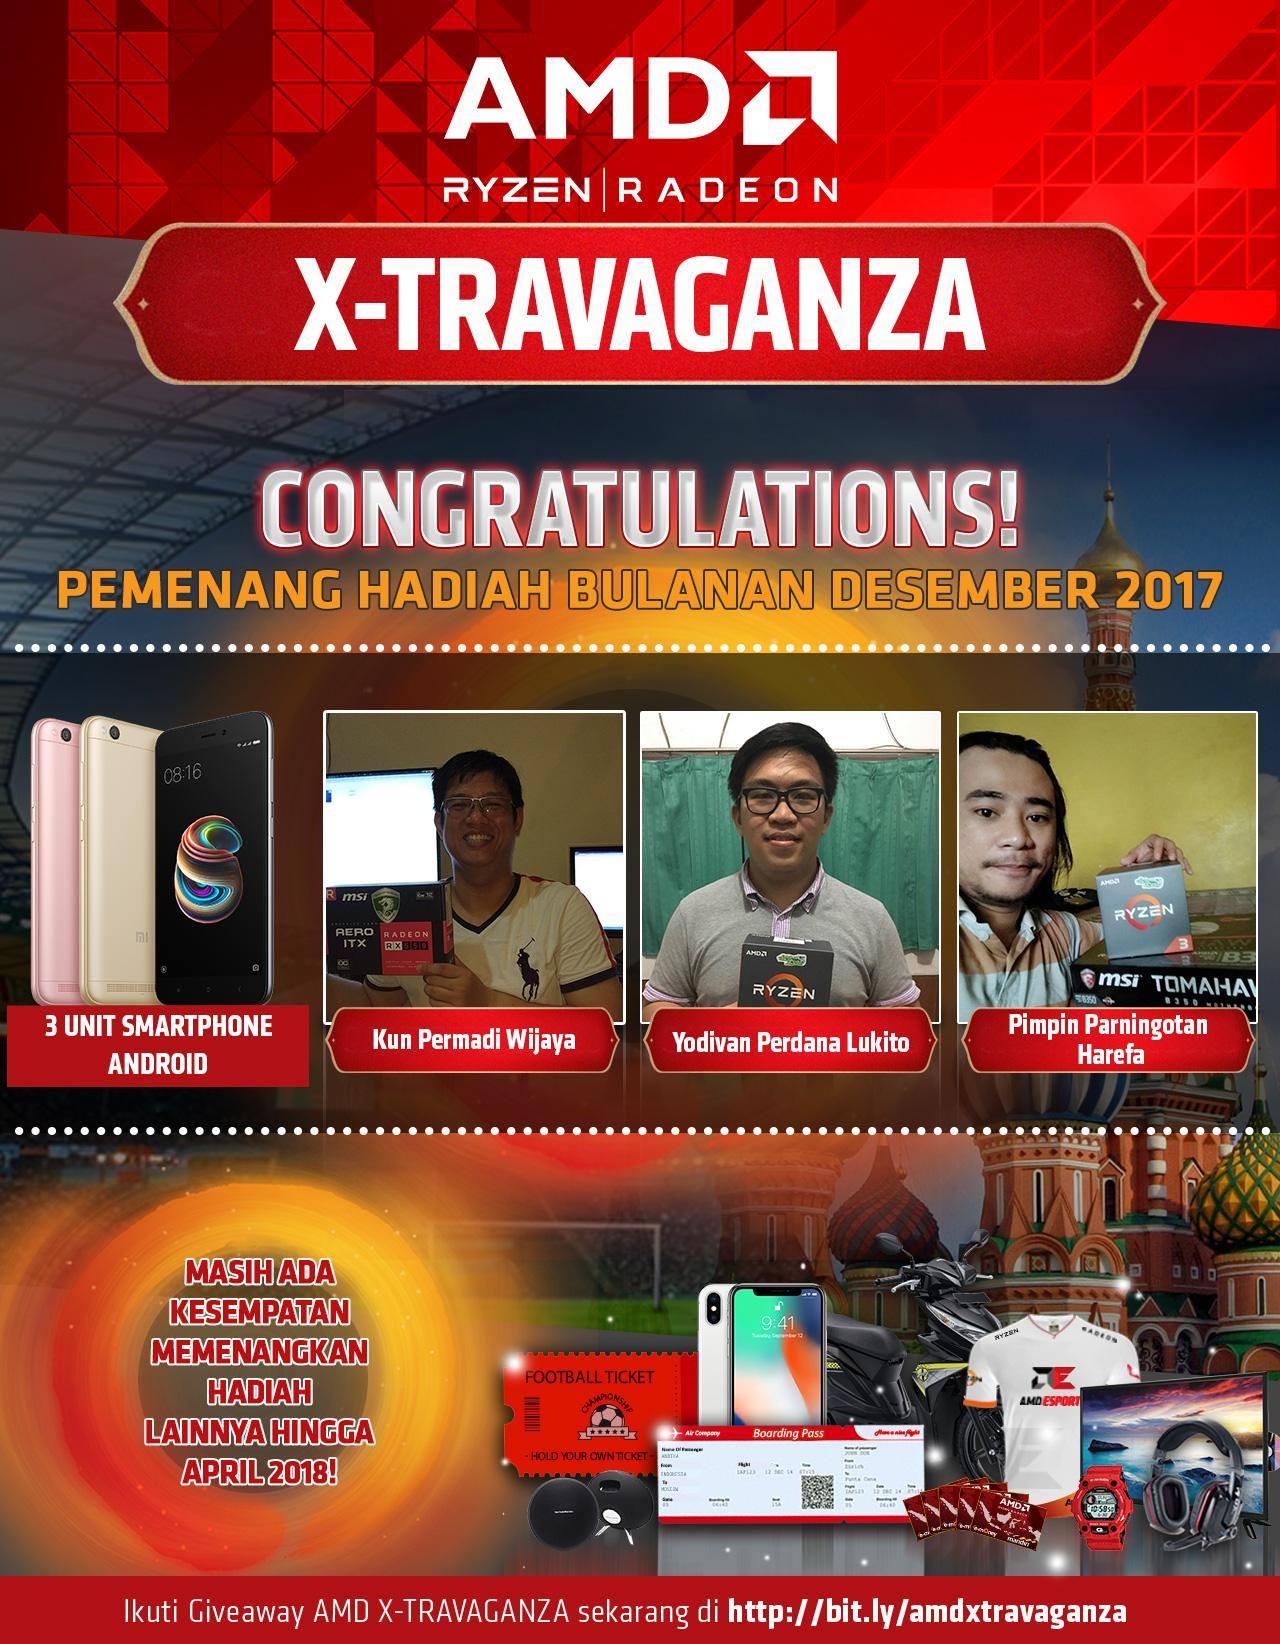 HADIAH BULAN DESEMBER 2017 AMD X-TRAVAGANZA